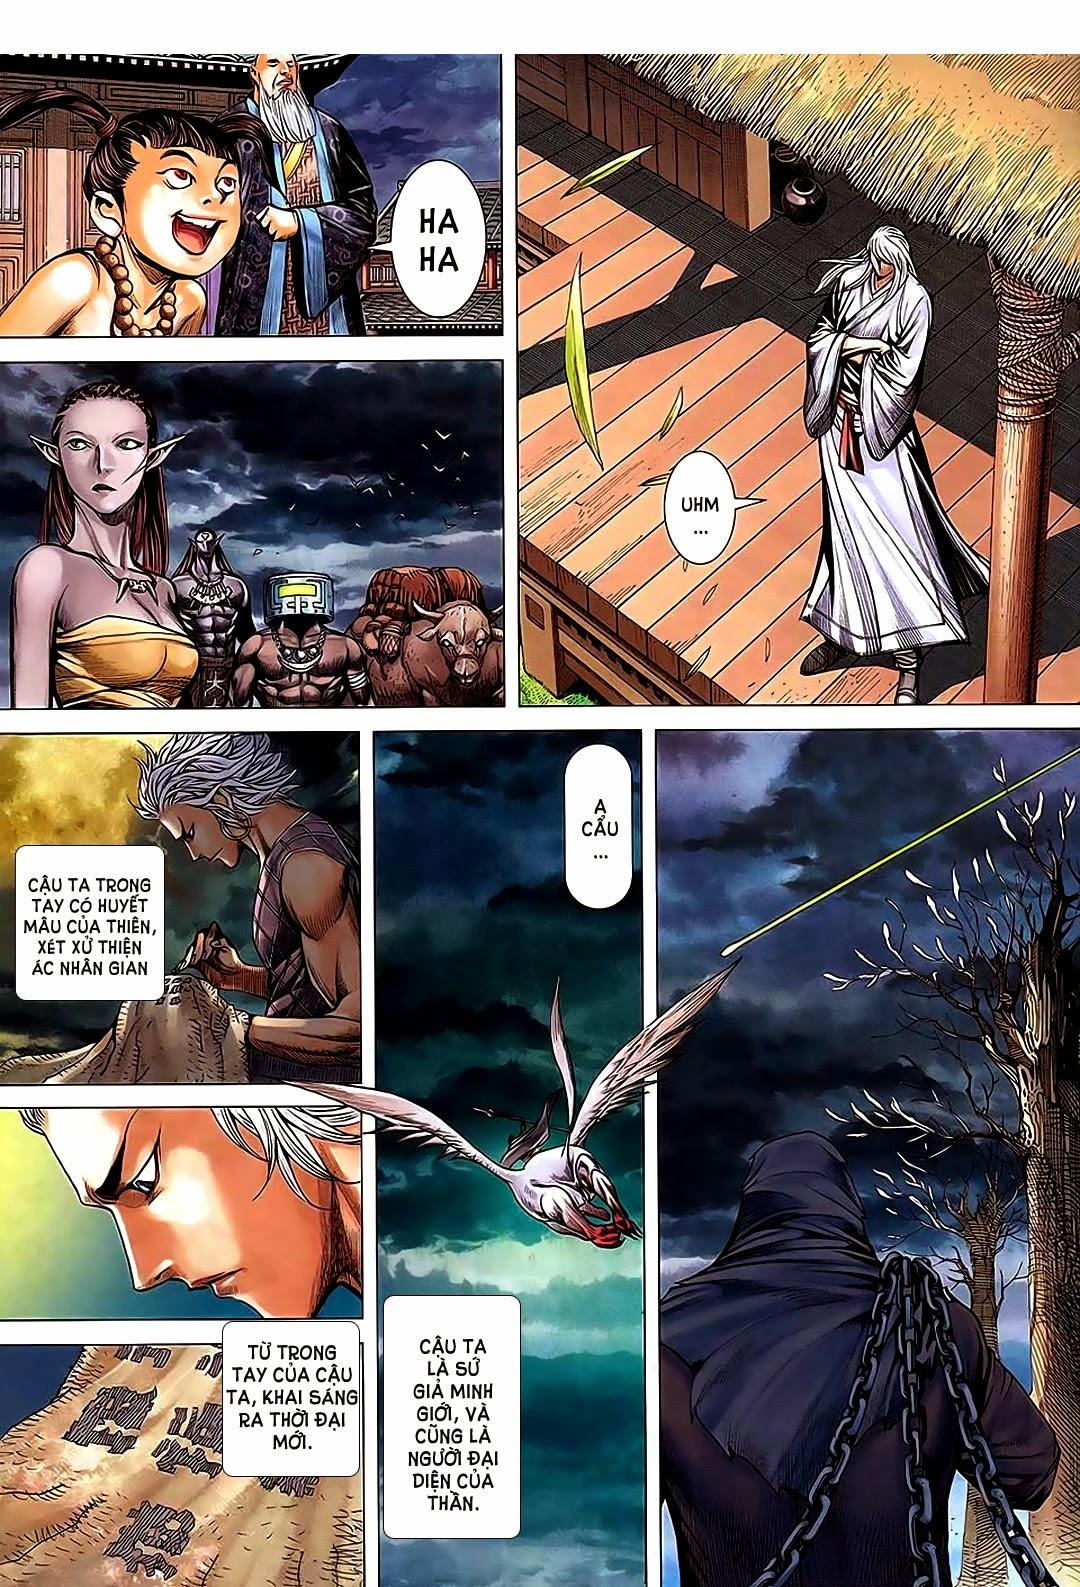 a3manga.com-phong-than-ky-34